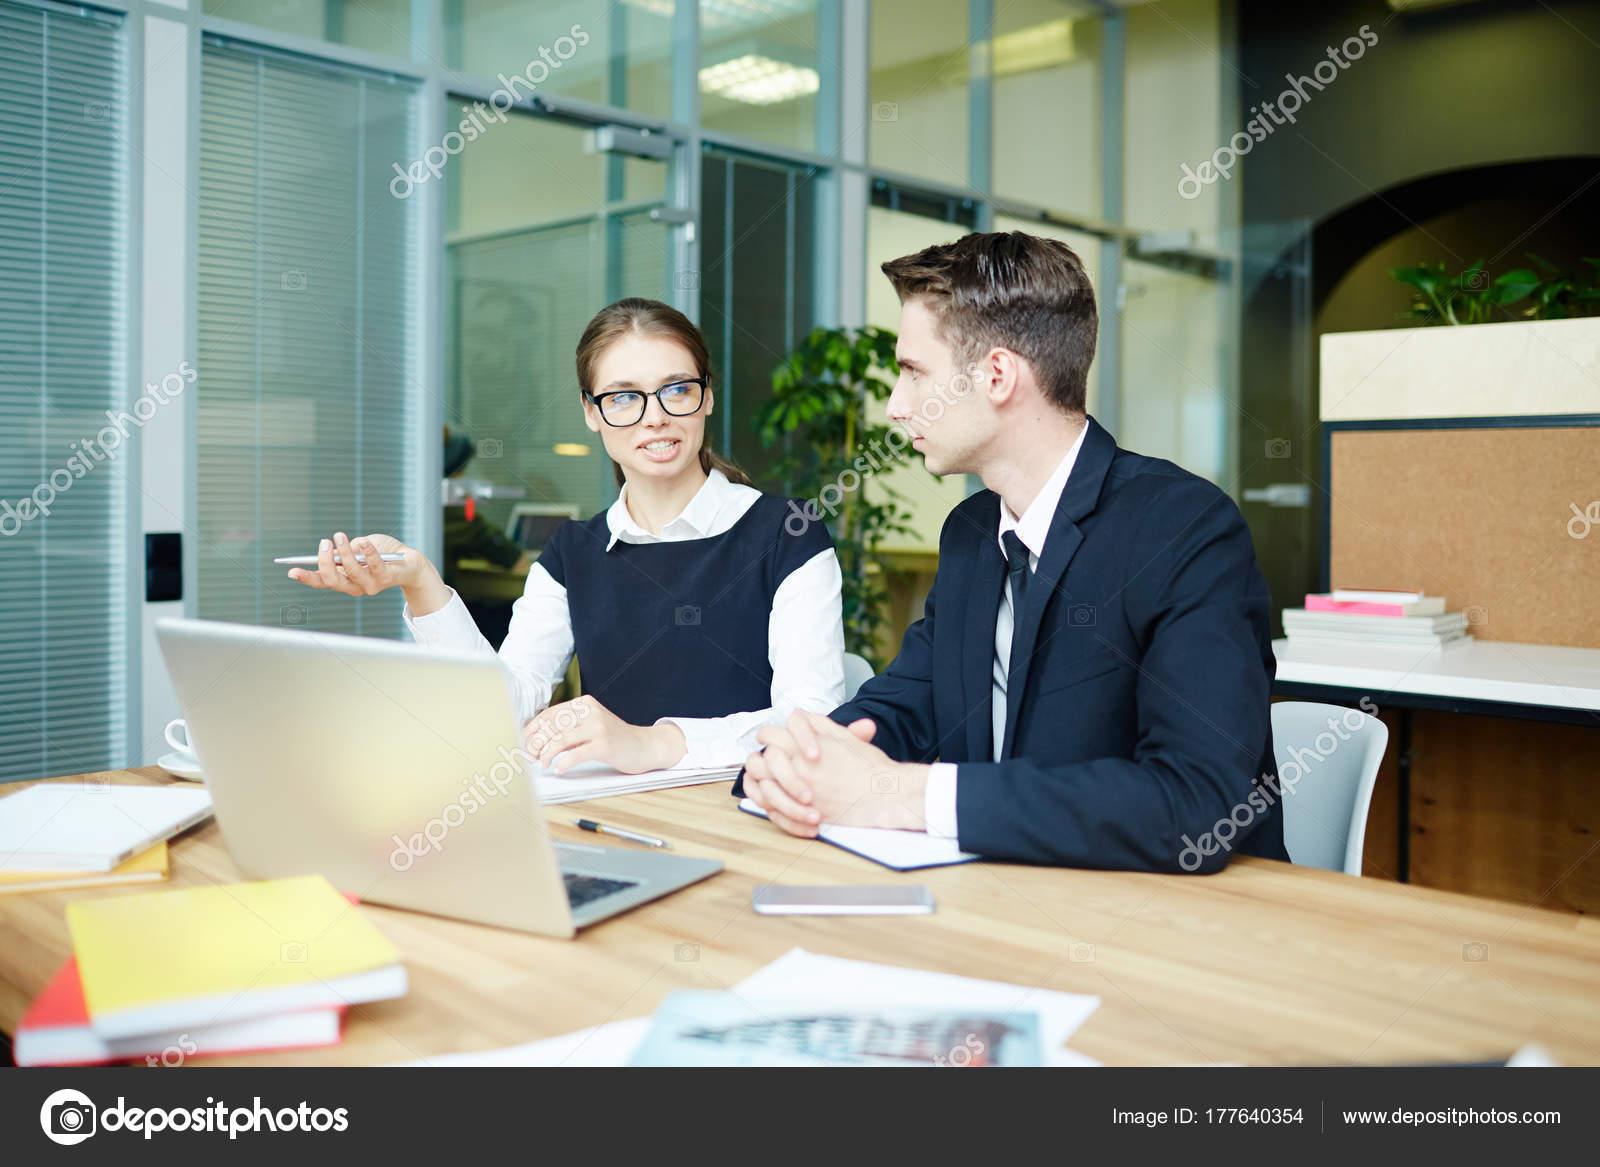 Ufficio Moderno Gioiosa : Creativo giovane interior designer seduto alla scrivania ufficio